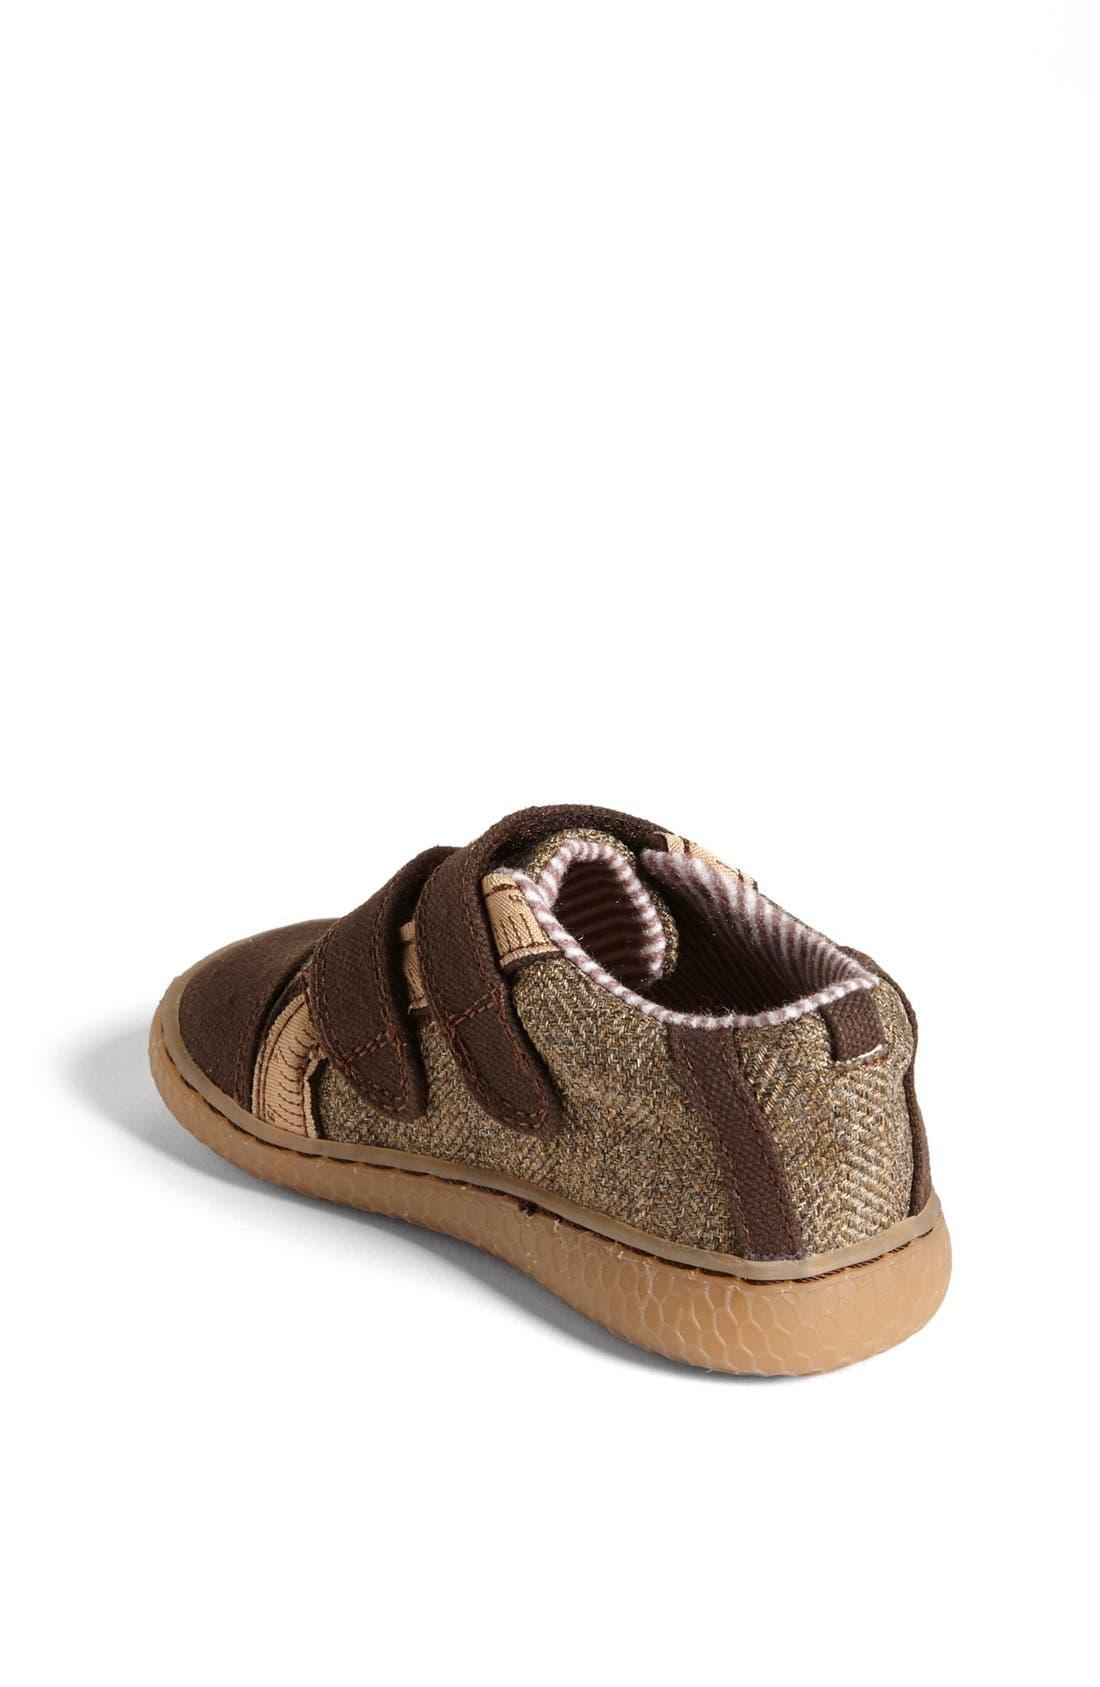 Alternate Image 2  - Livie & Luca 'Bernal' Sneaker (Baby, Walker, Toddler & Little Kid)